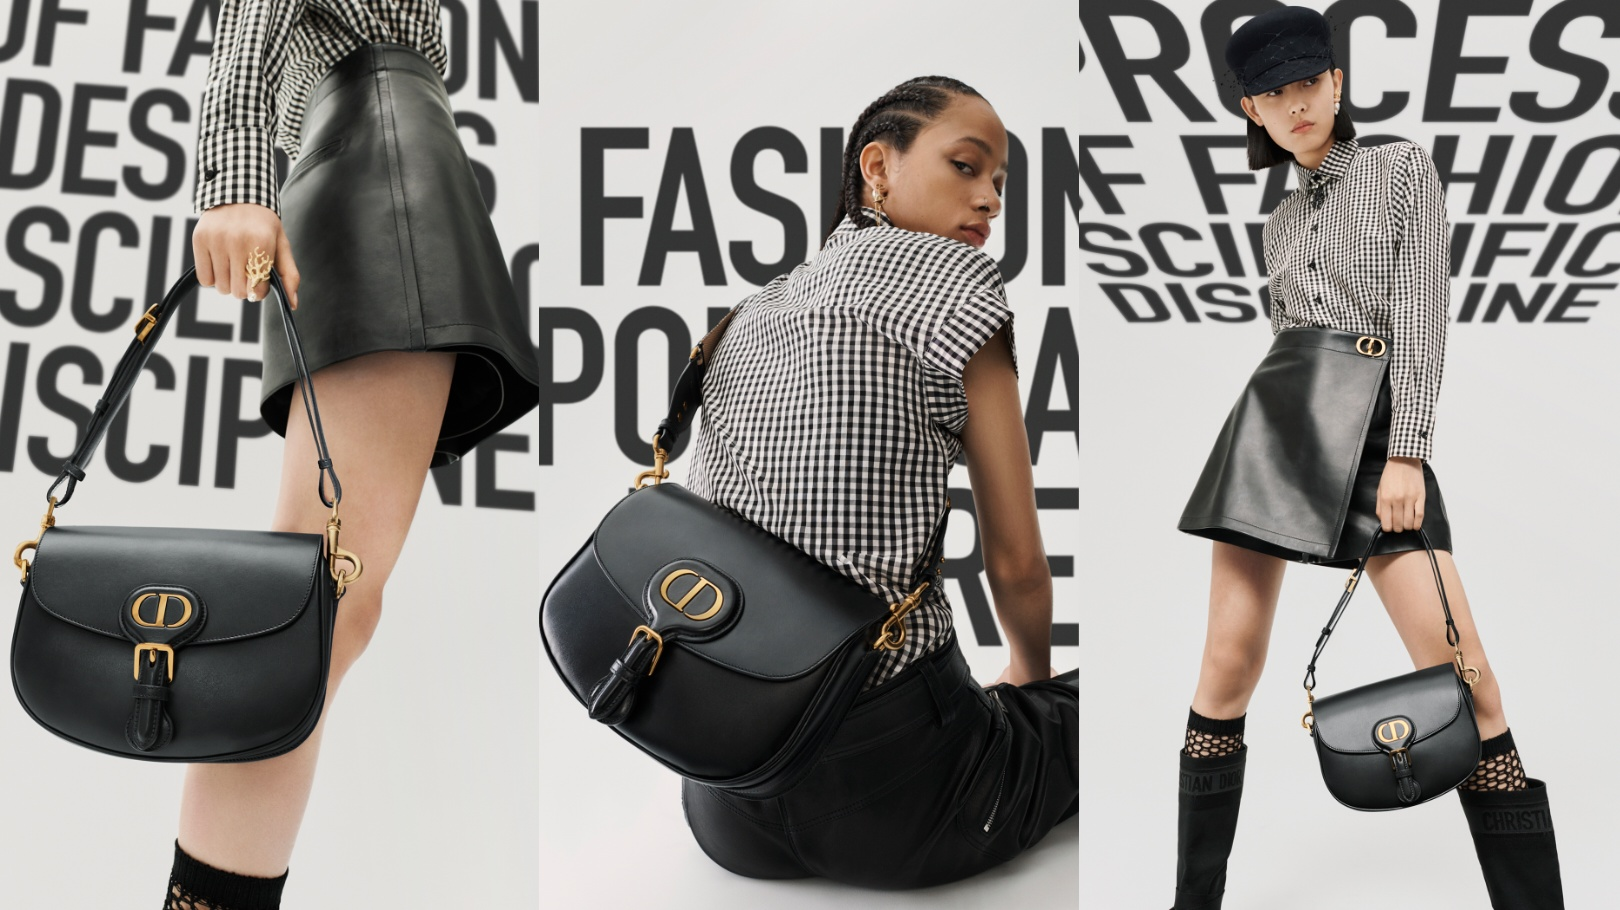 ทำความรู้จักกระเป๋า 'Bobby' อิทแบ๊กใบล่าสุดของวงการแฟชั่นจากแบรนด์ Dior